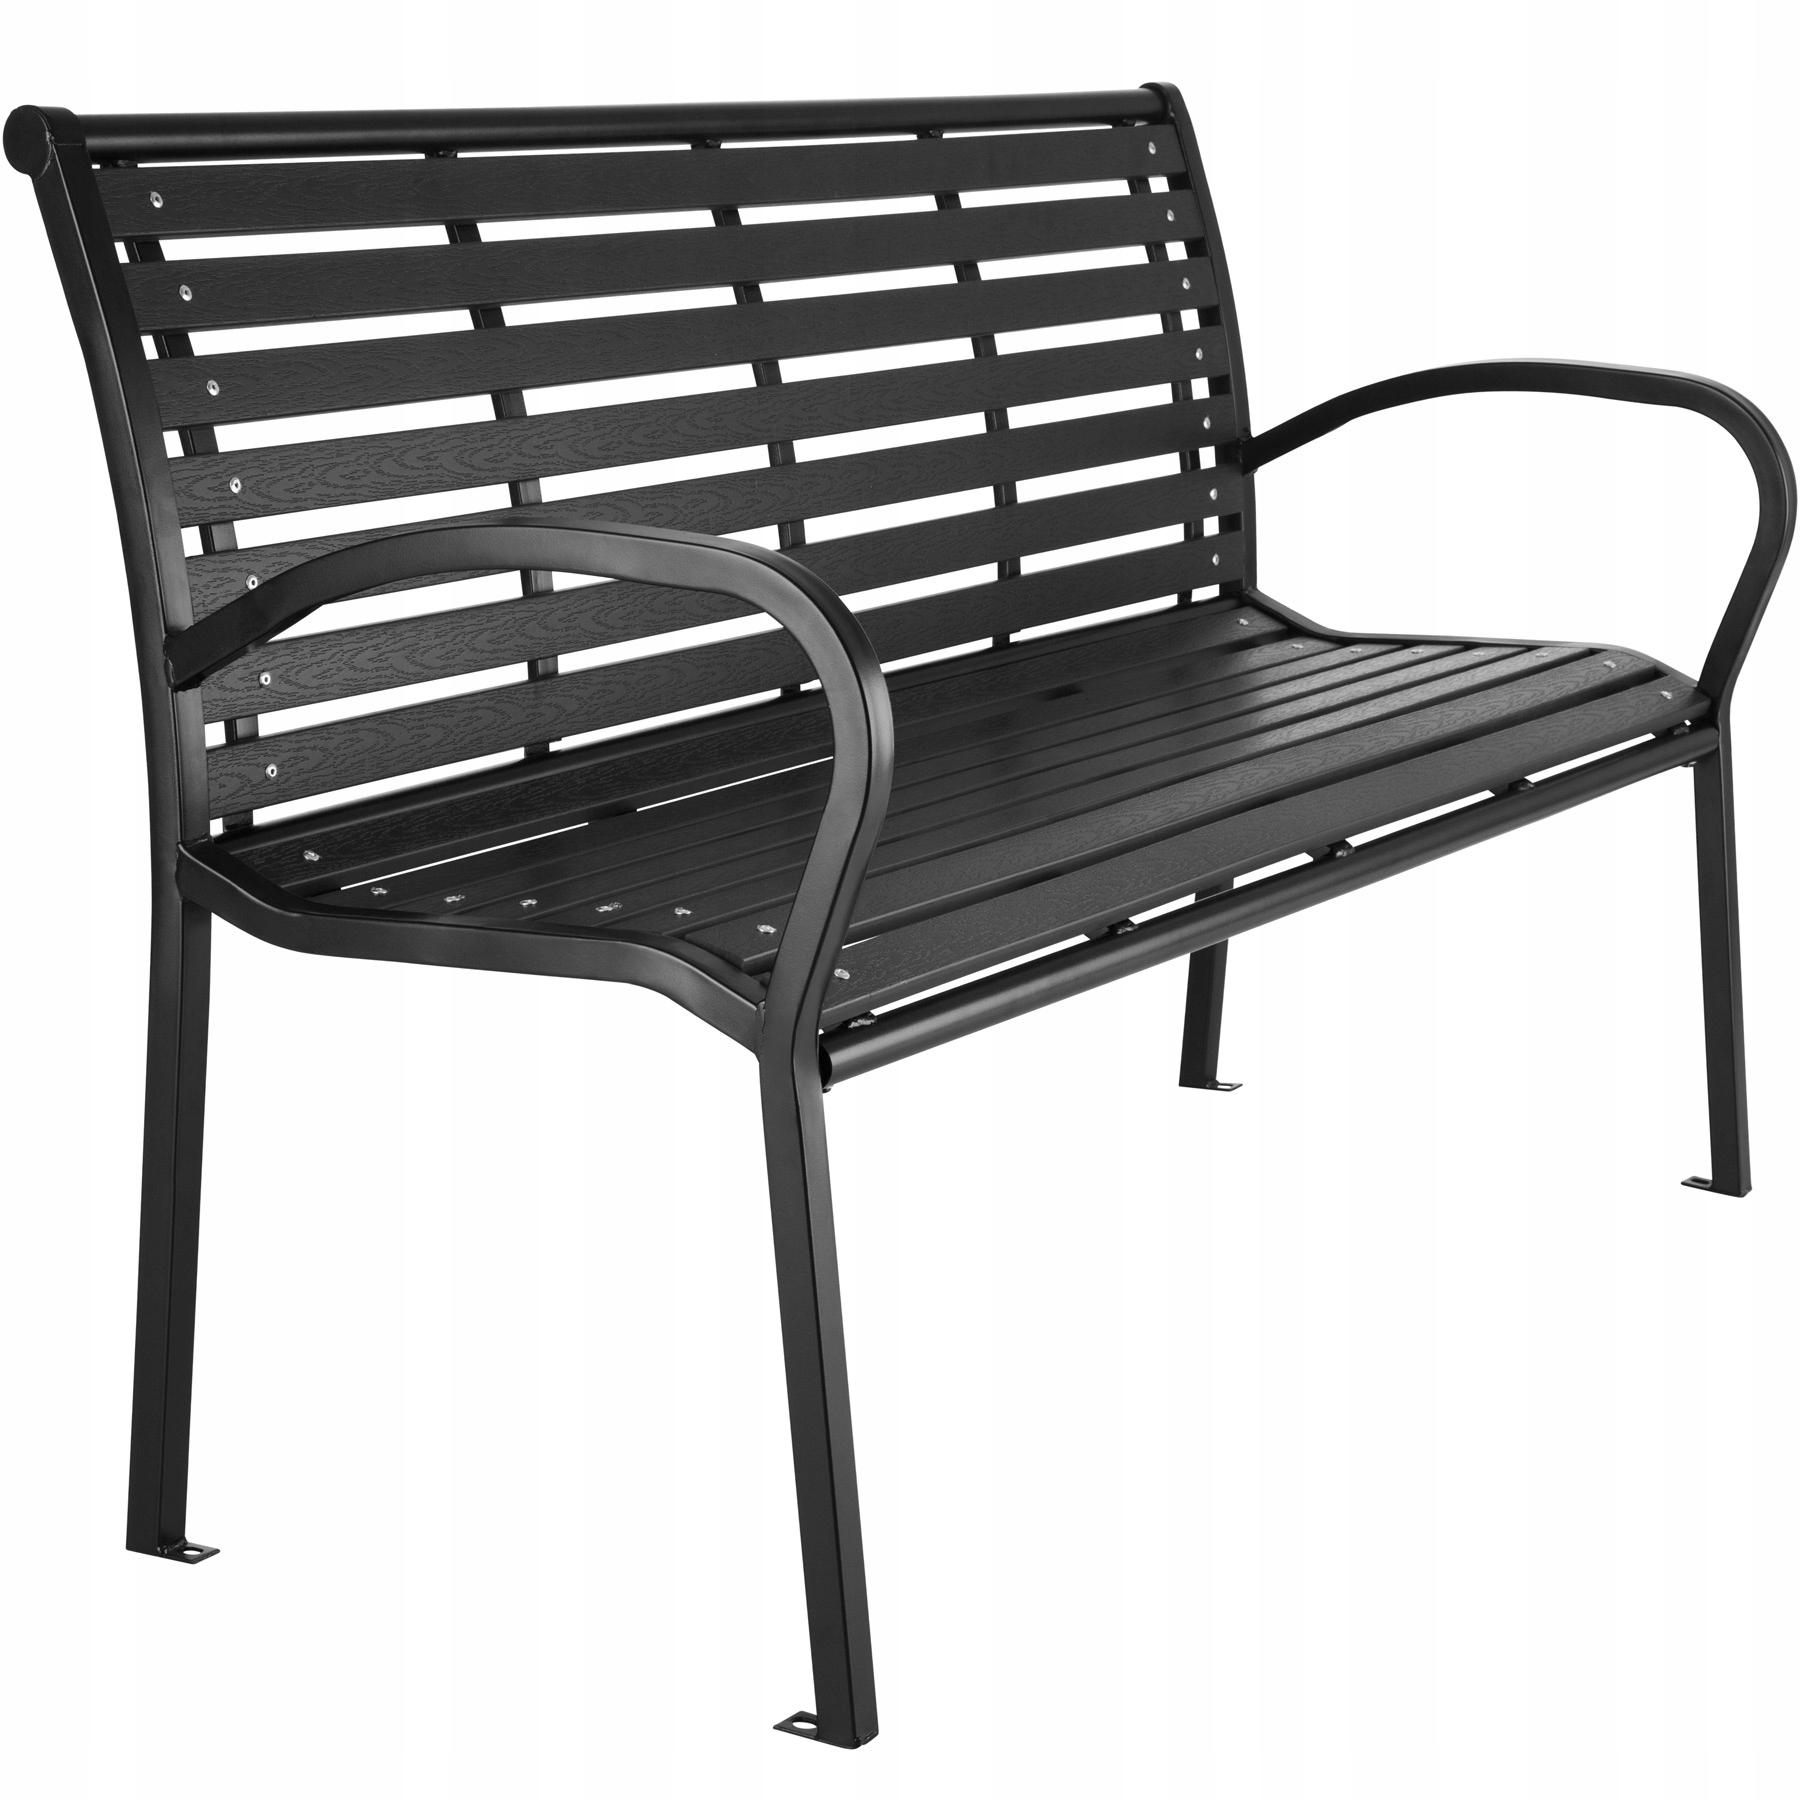 Záhradné lavice Pinot lavica s operadlom 403213